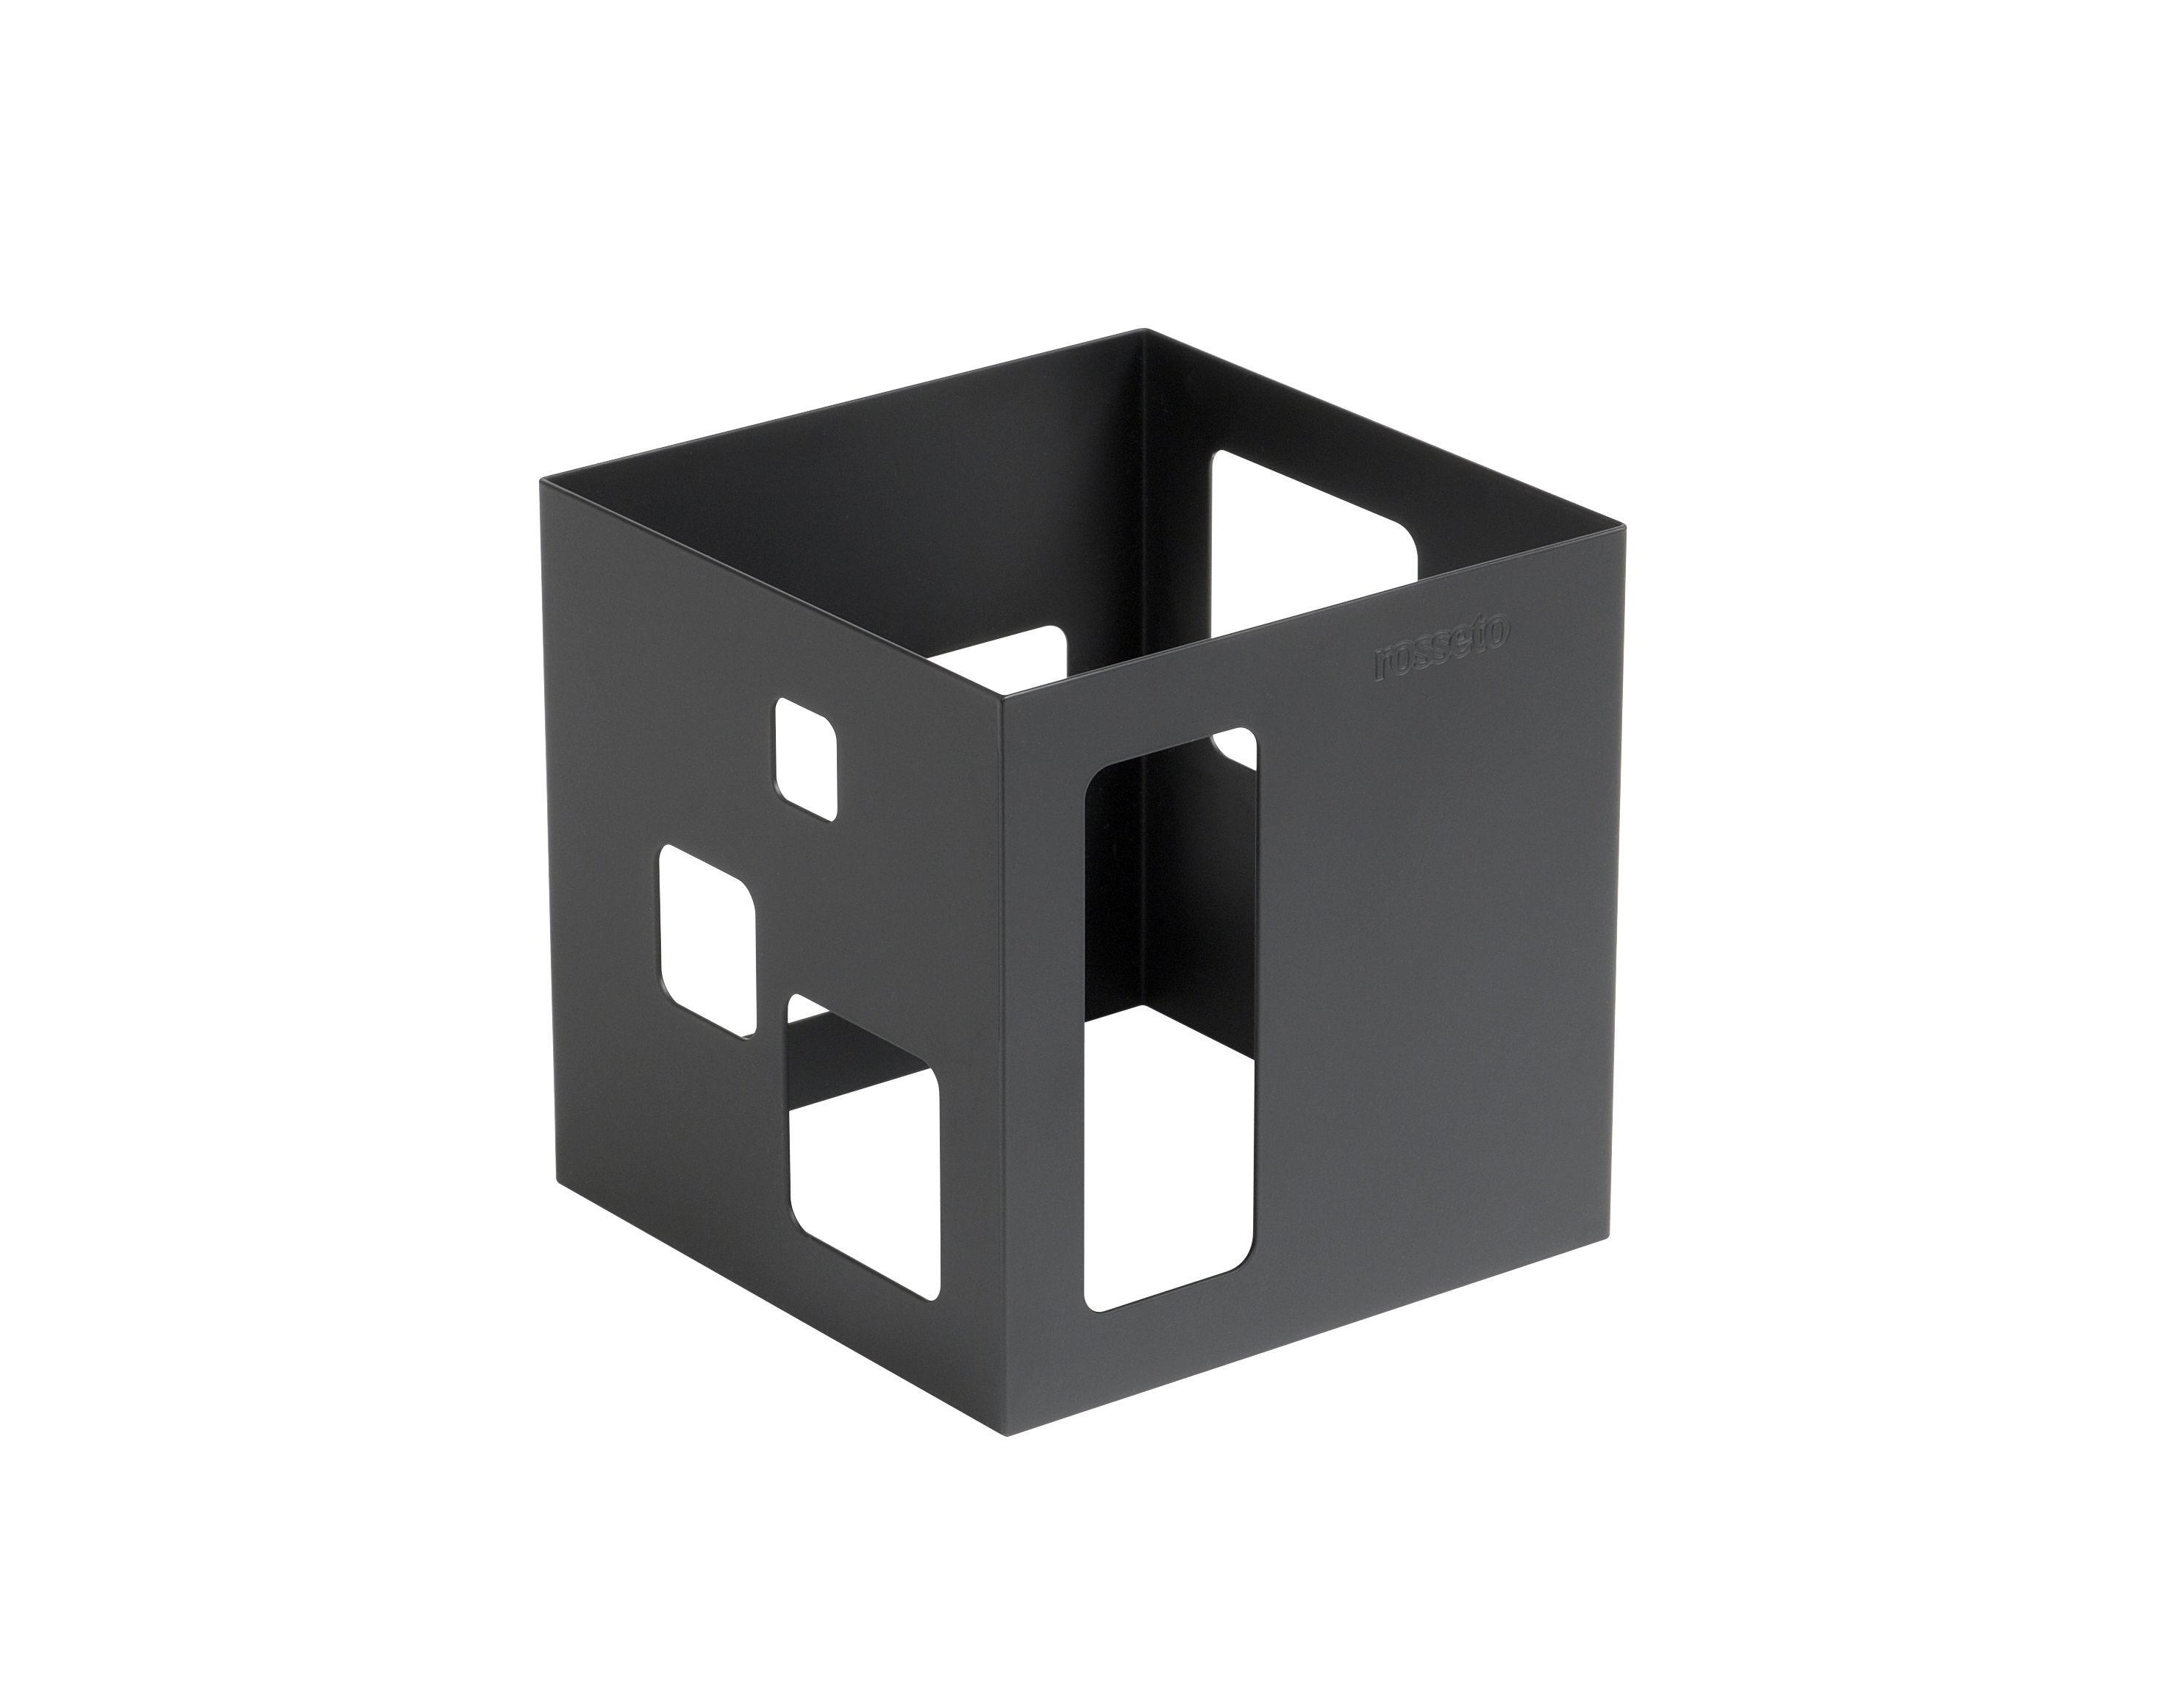 """Rosseto SM115 Square Black Matte Steel Square Riser 7"""" x 7"""" x 7""""H"""